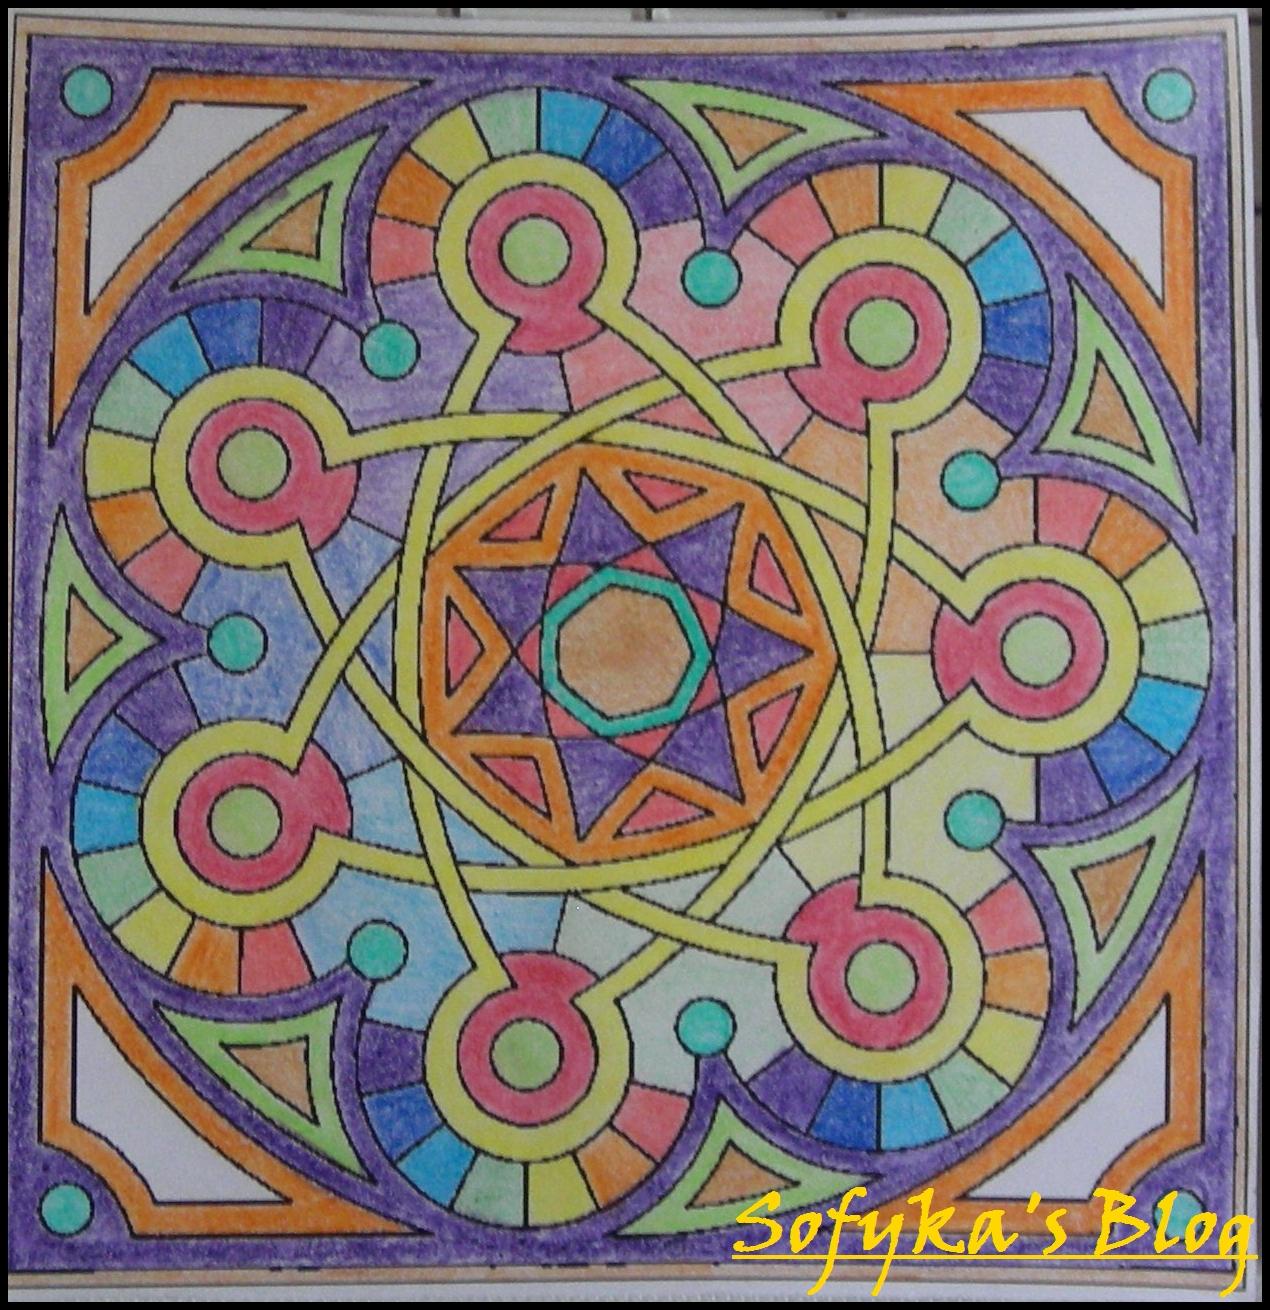 Couleurs | Sofyka'S Blog à Mandala Colorié